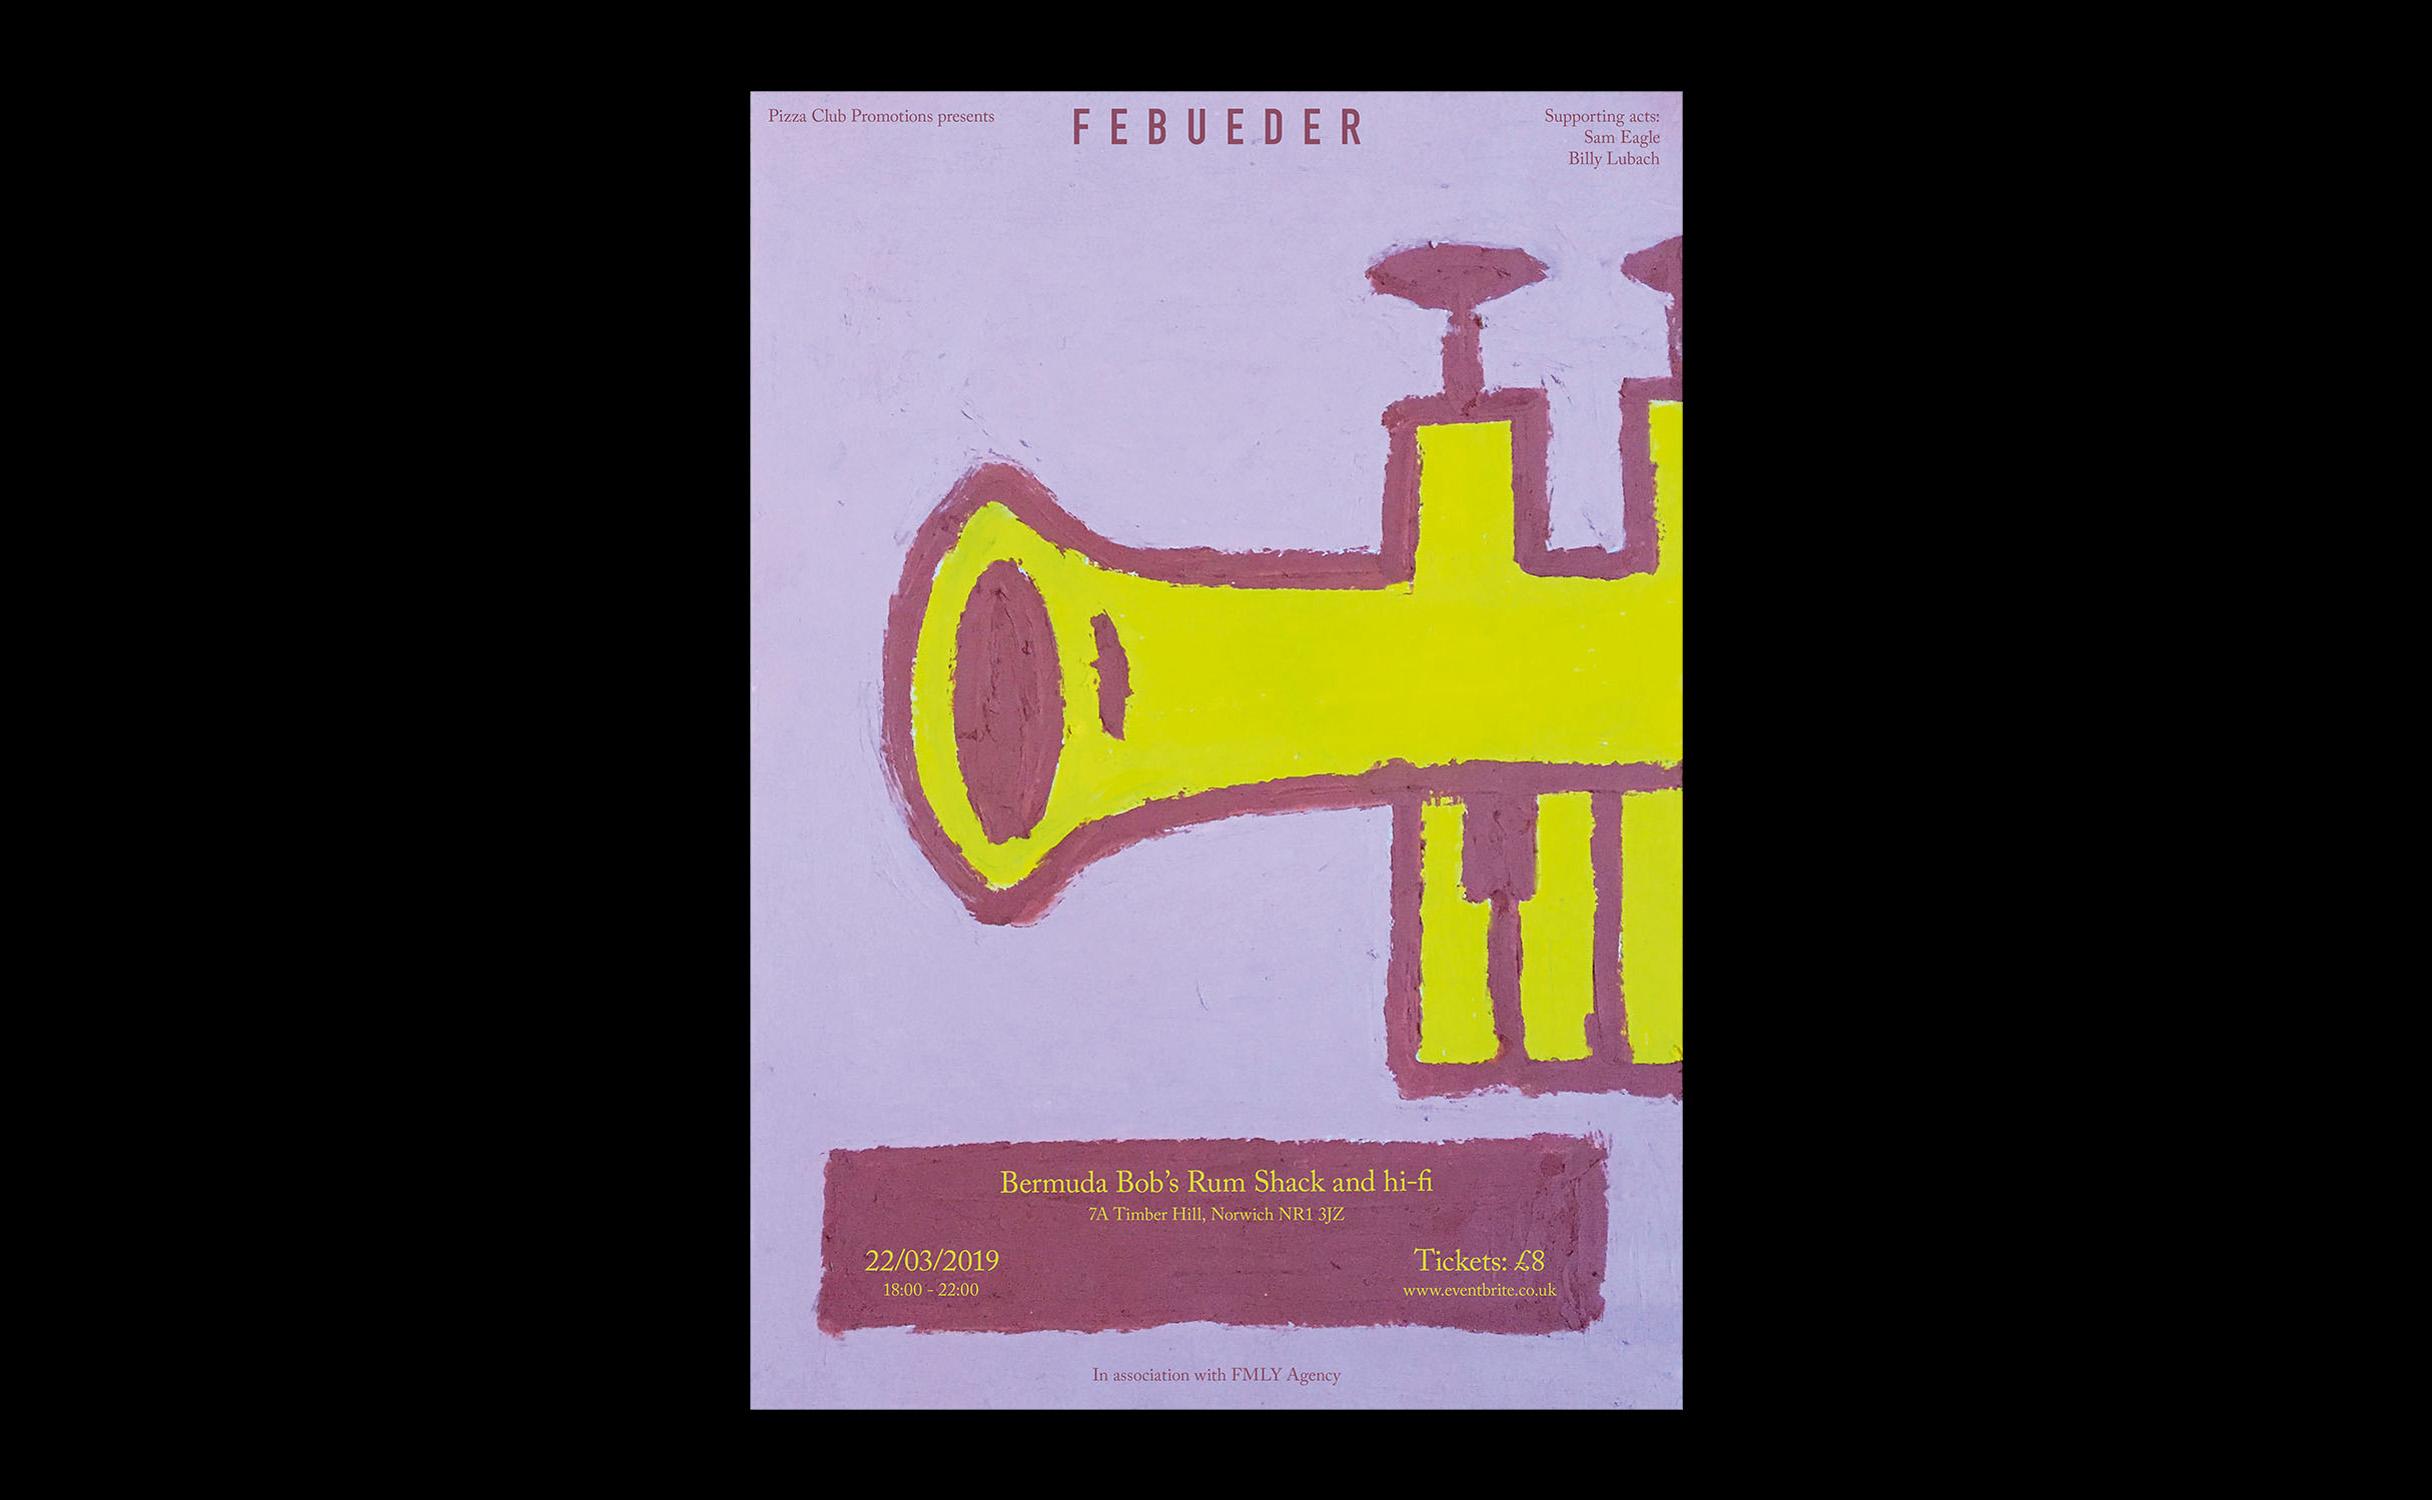 Febueder_Poster_website_8